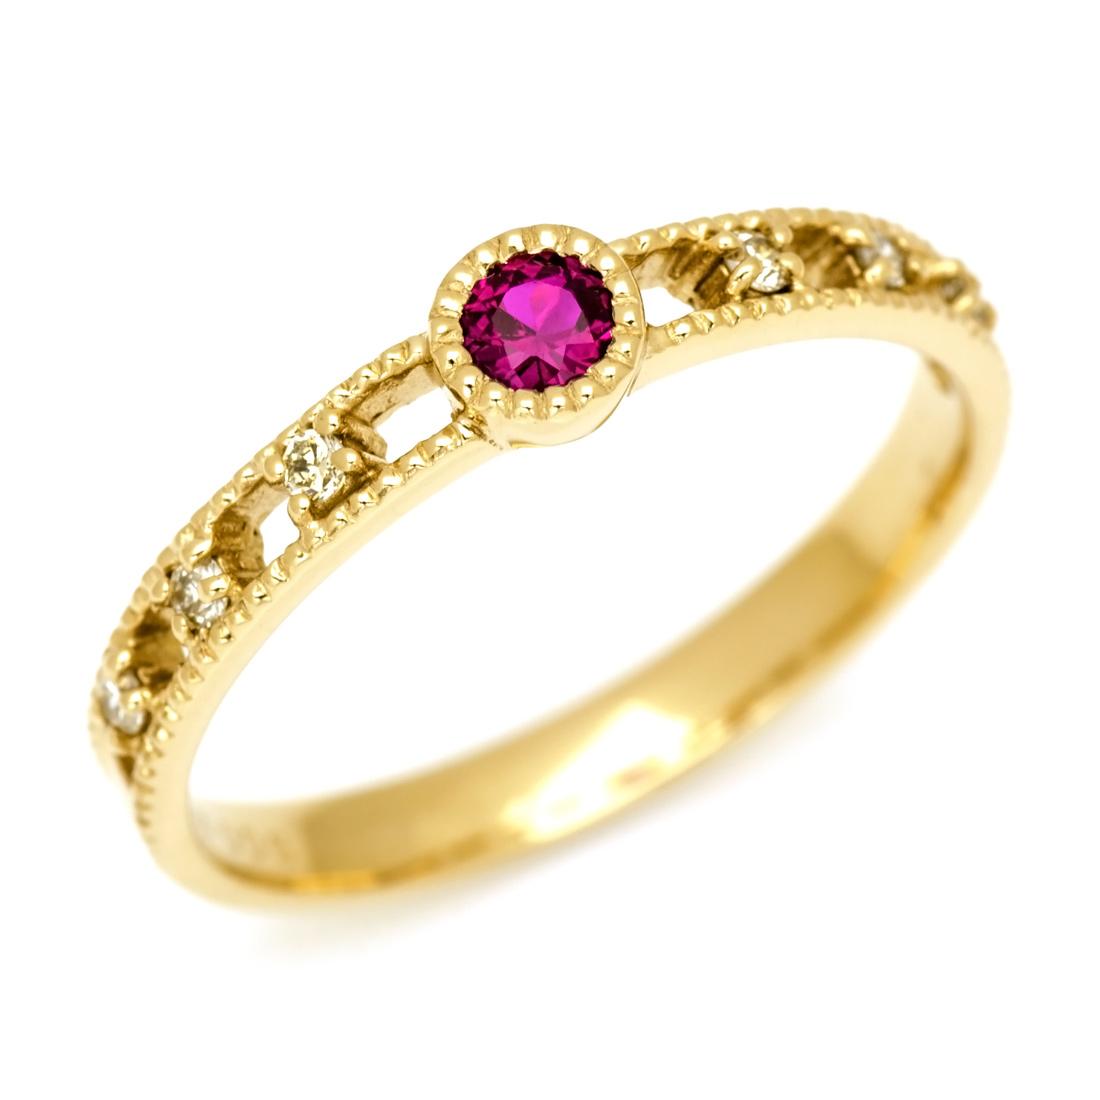 【GWクーポン配布中】K18 ルビー ダイヤモンド リング 「delicatura」送料無料 指輪 18K 18金 ゴールド ダイアモンド ミル打ち 7月誕生石 誕生日 文字入れ 刻印 ピンキーリング対応可能 メッセージ ギフト 贈り物